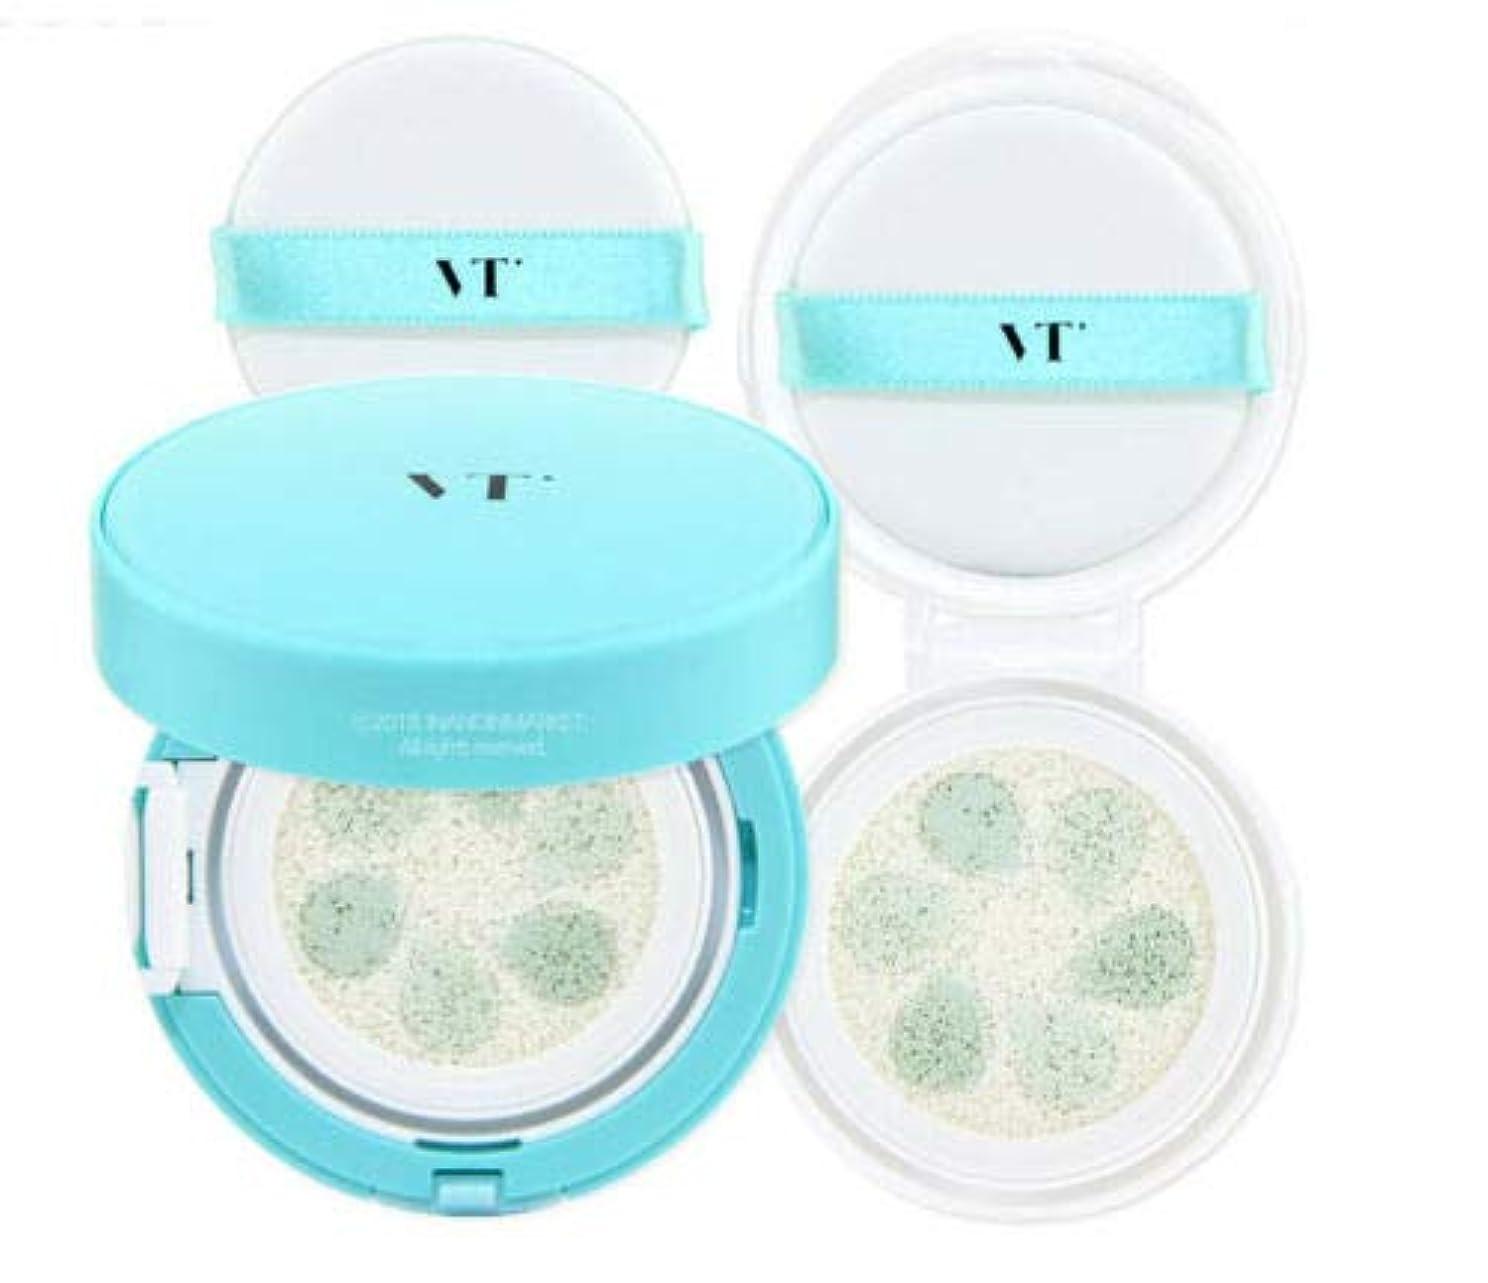 汚れるグラディスブロッサムVT Cosmetic Phyto Sun Cushion サンクッション 本品11g + リフィール11g, SPF50+/PA++++